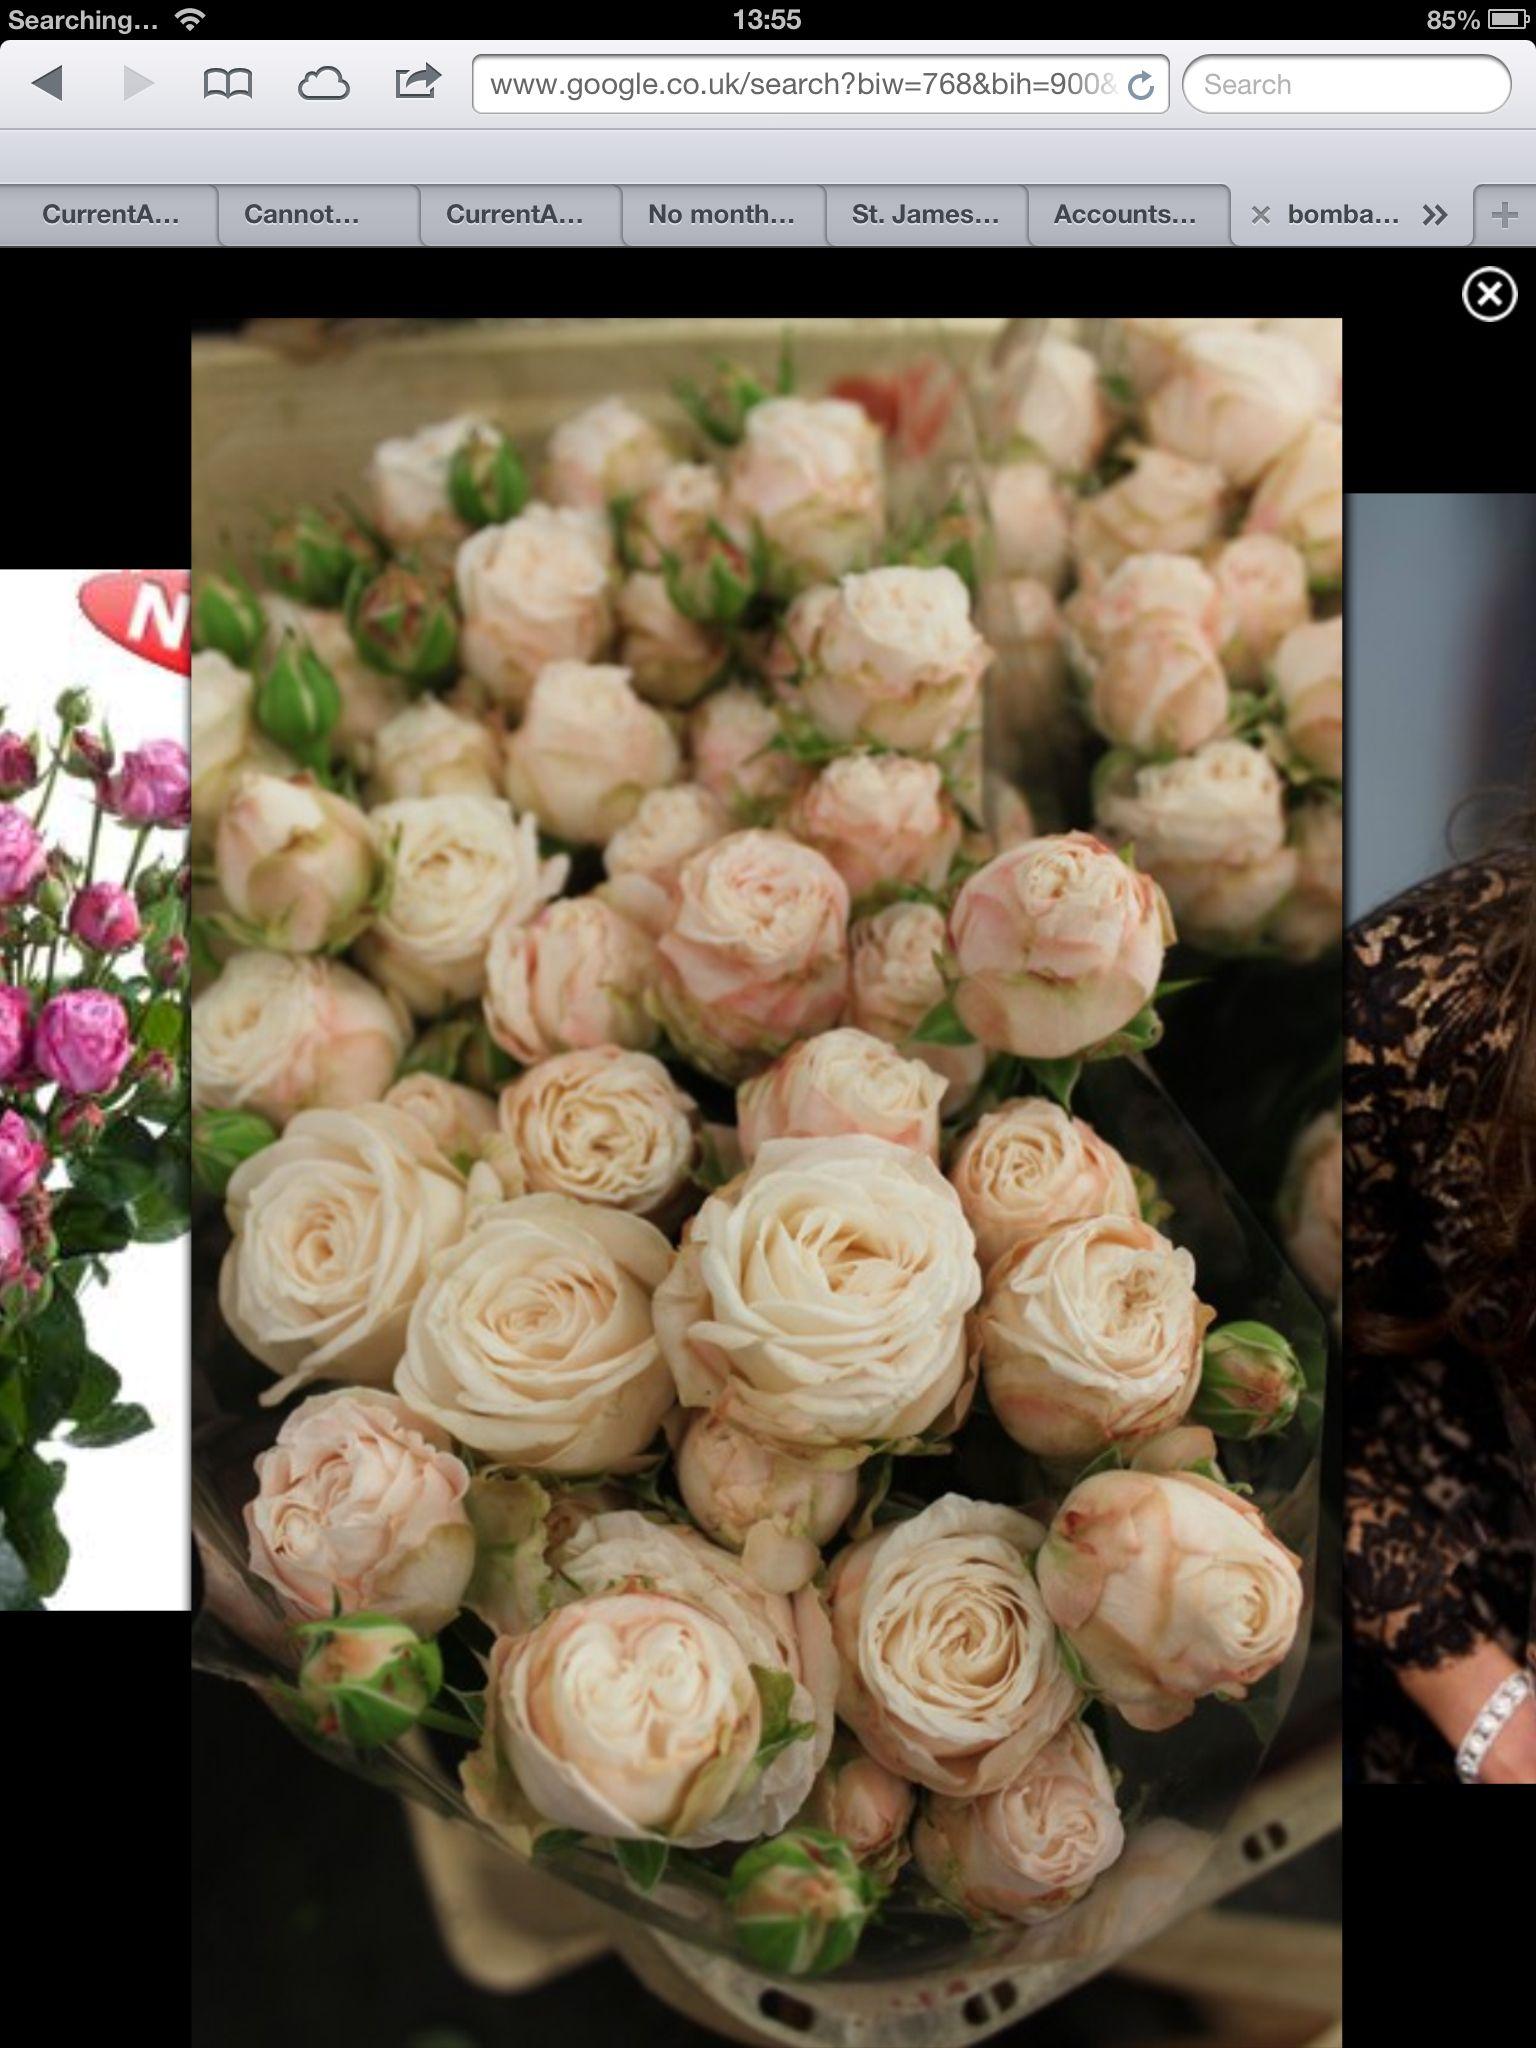 bombastic rose fabulous for hair flowers